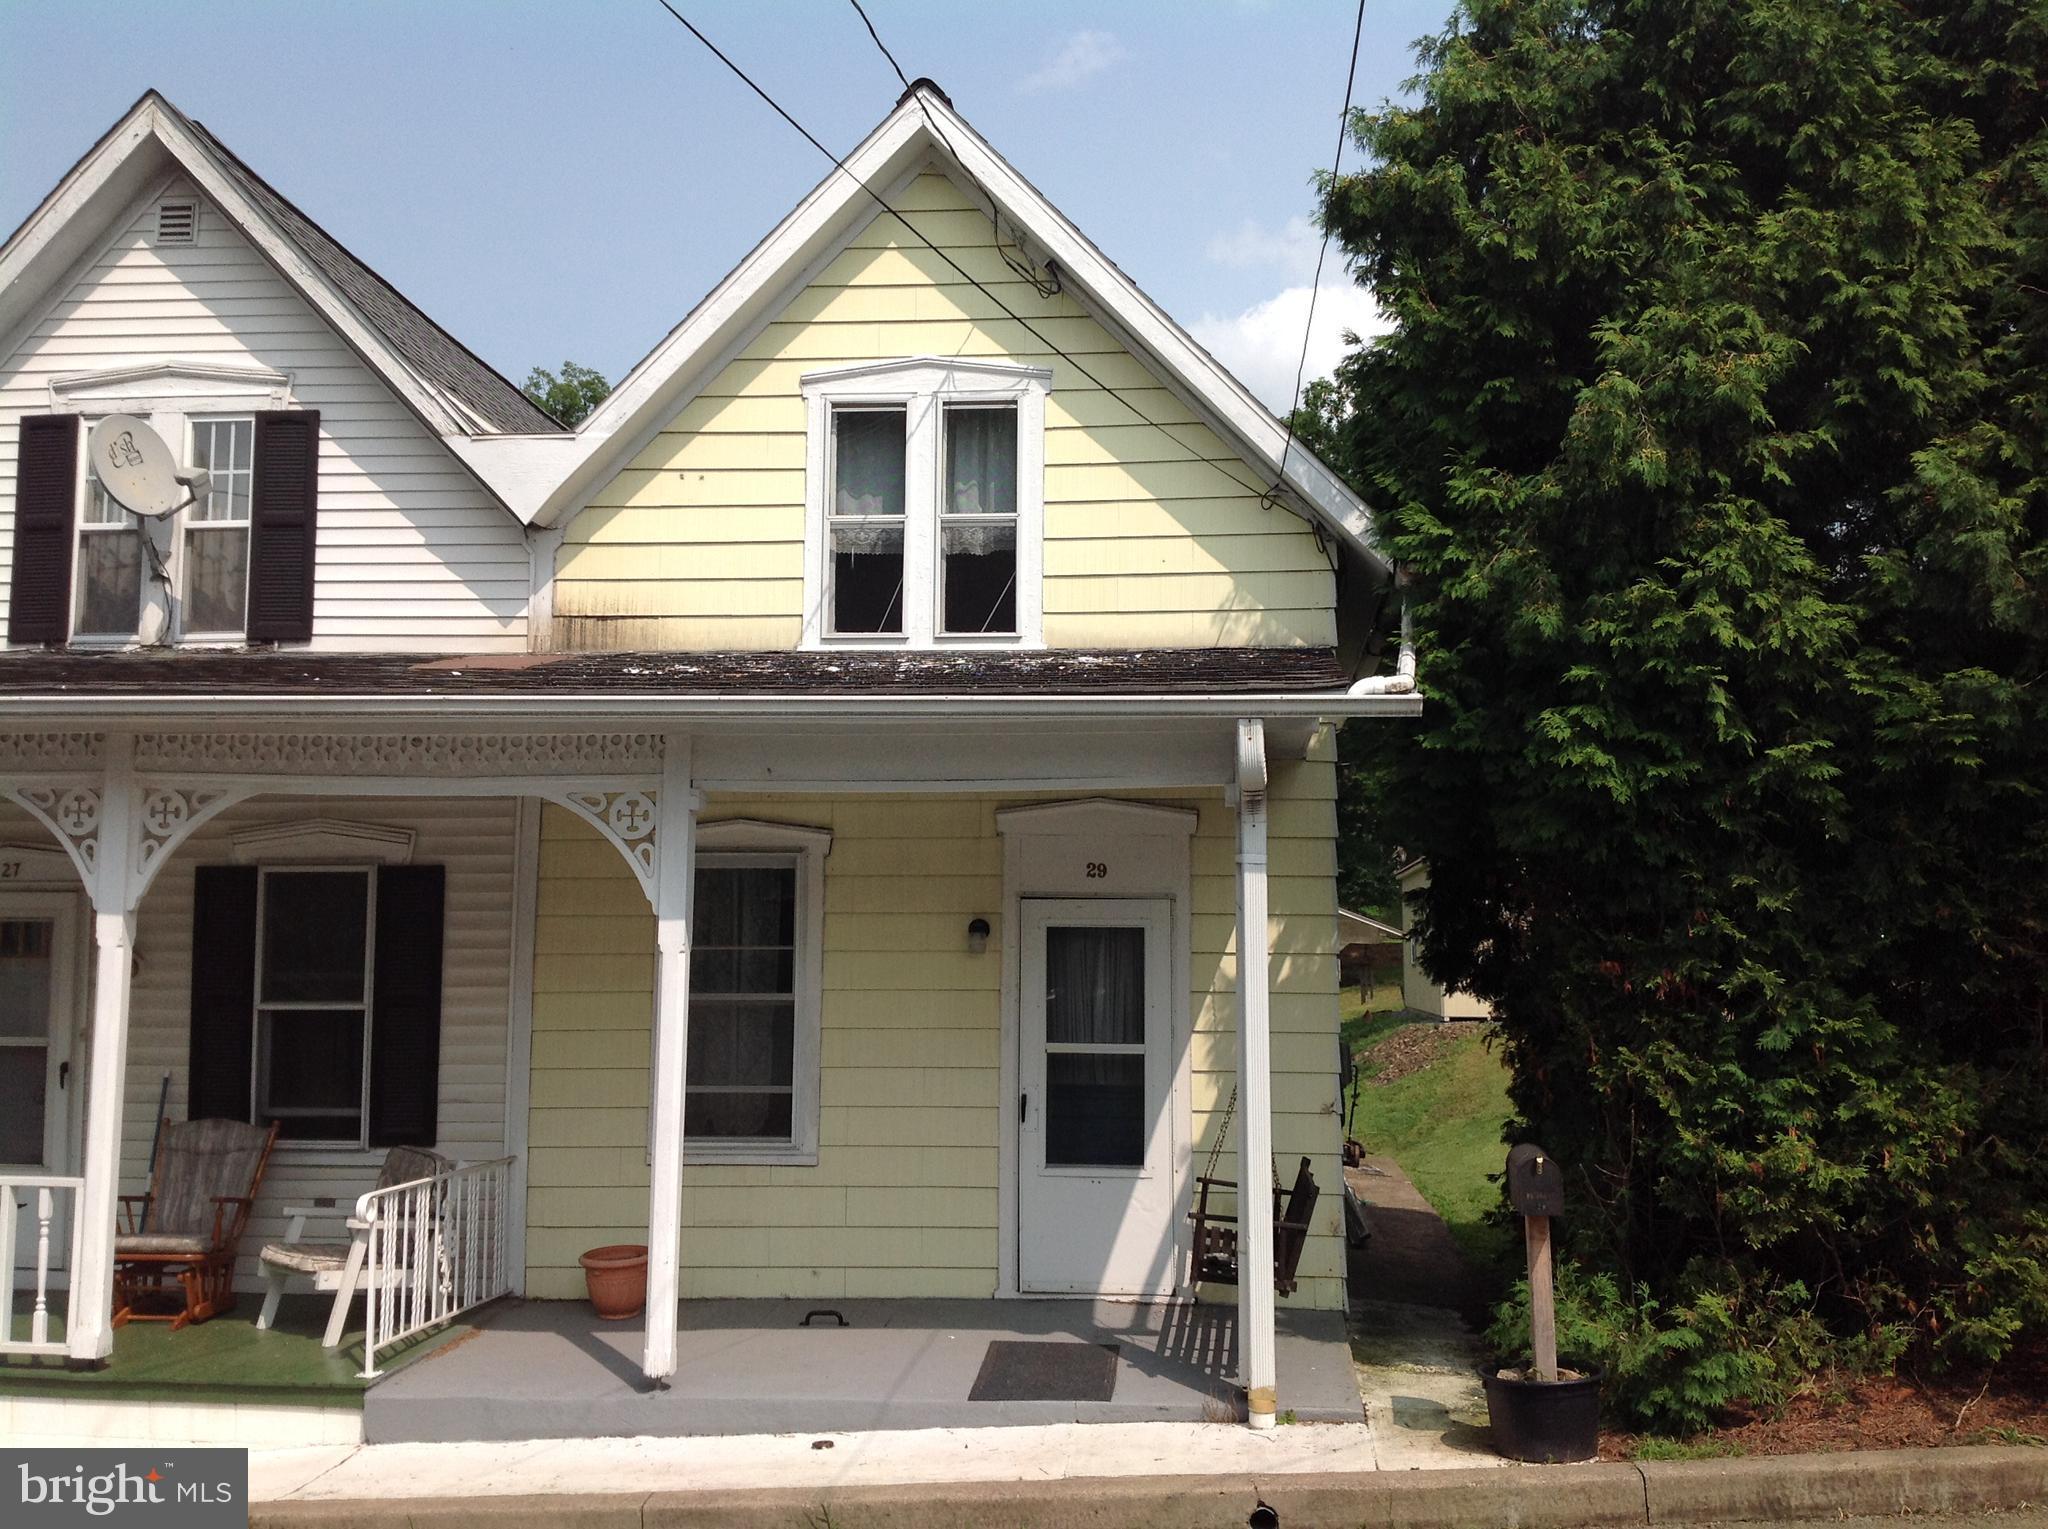 29 S MOORE STREET, ELIZABETHVILLE, PA 17023